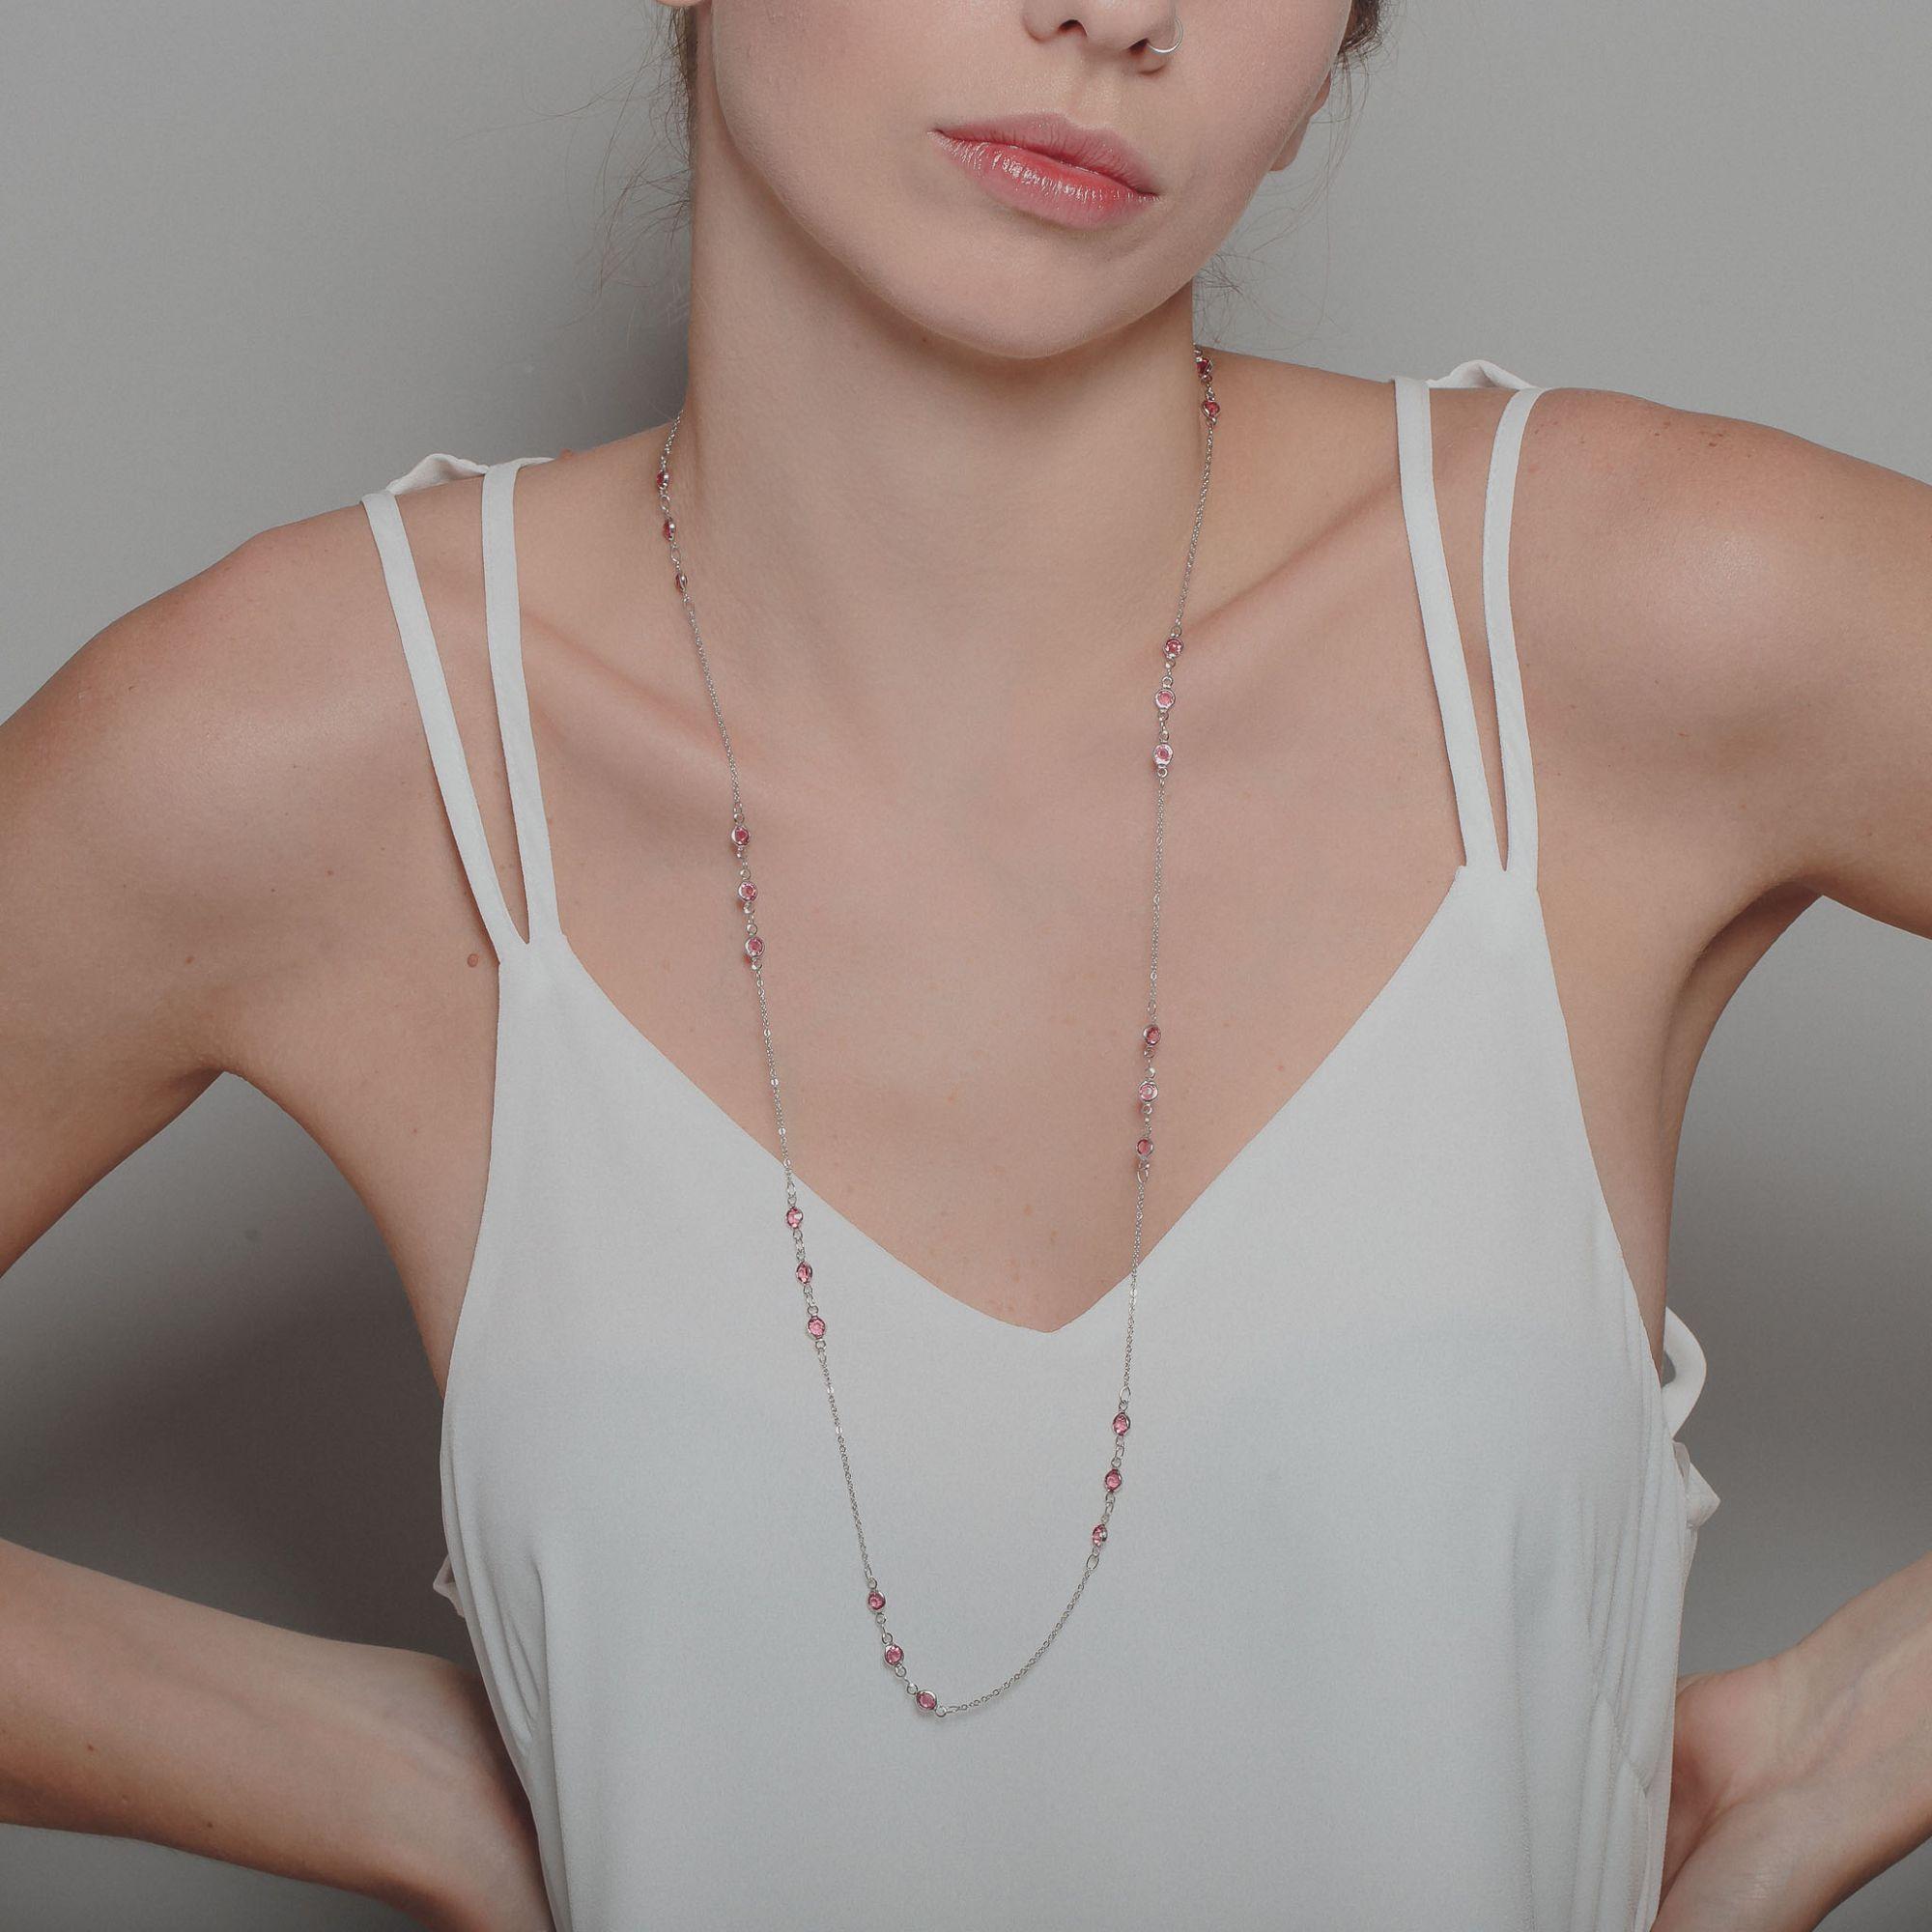 Colar com cristais rubis banho de ródio branco.  - bfdecor.com.br